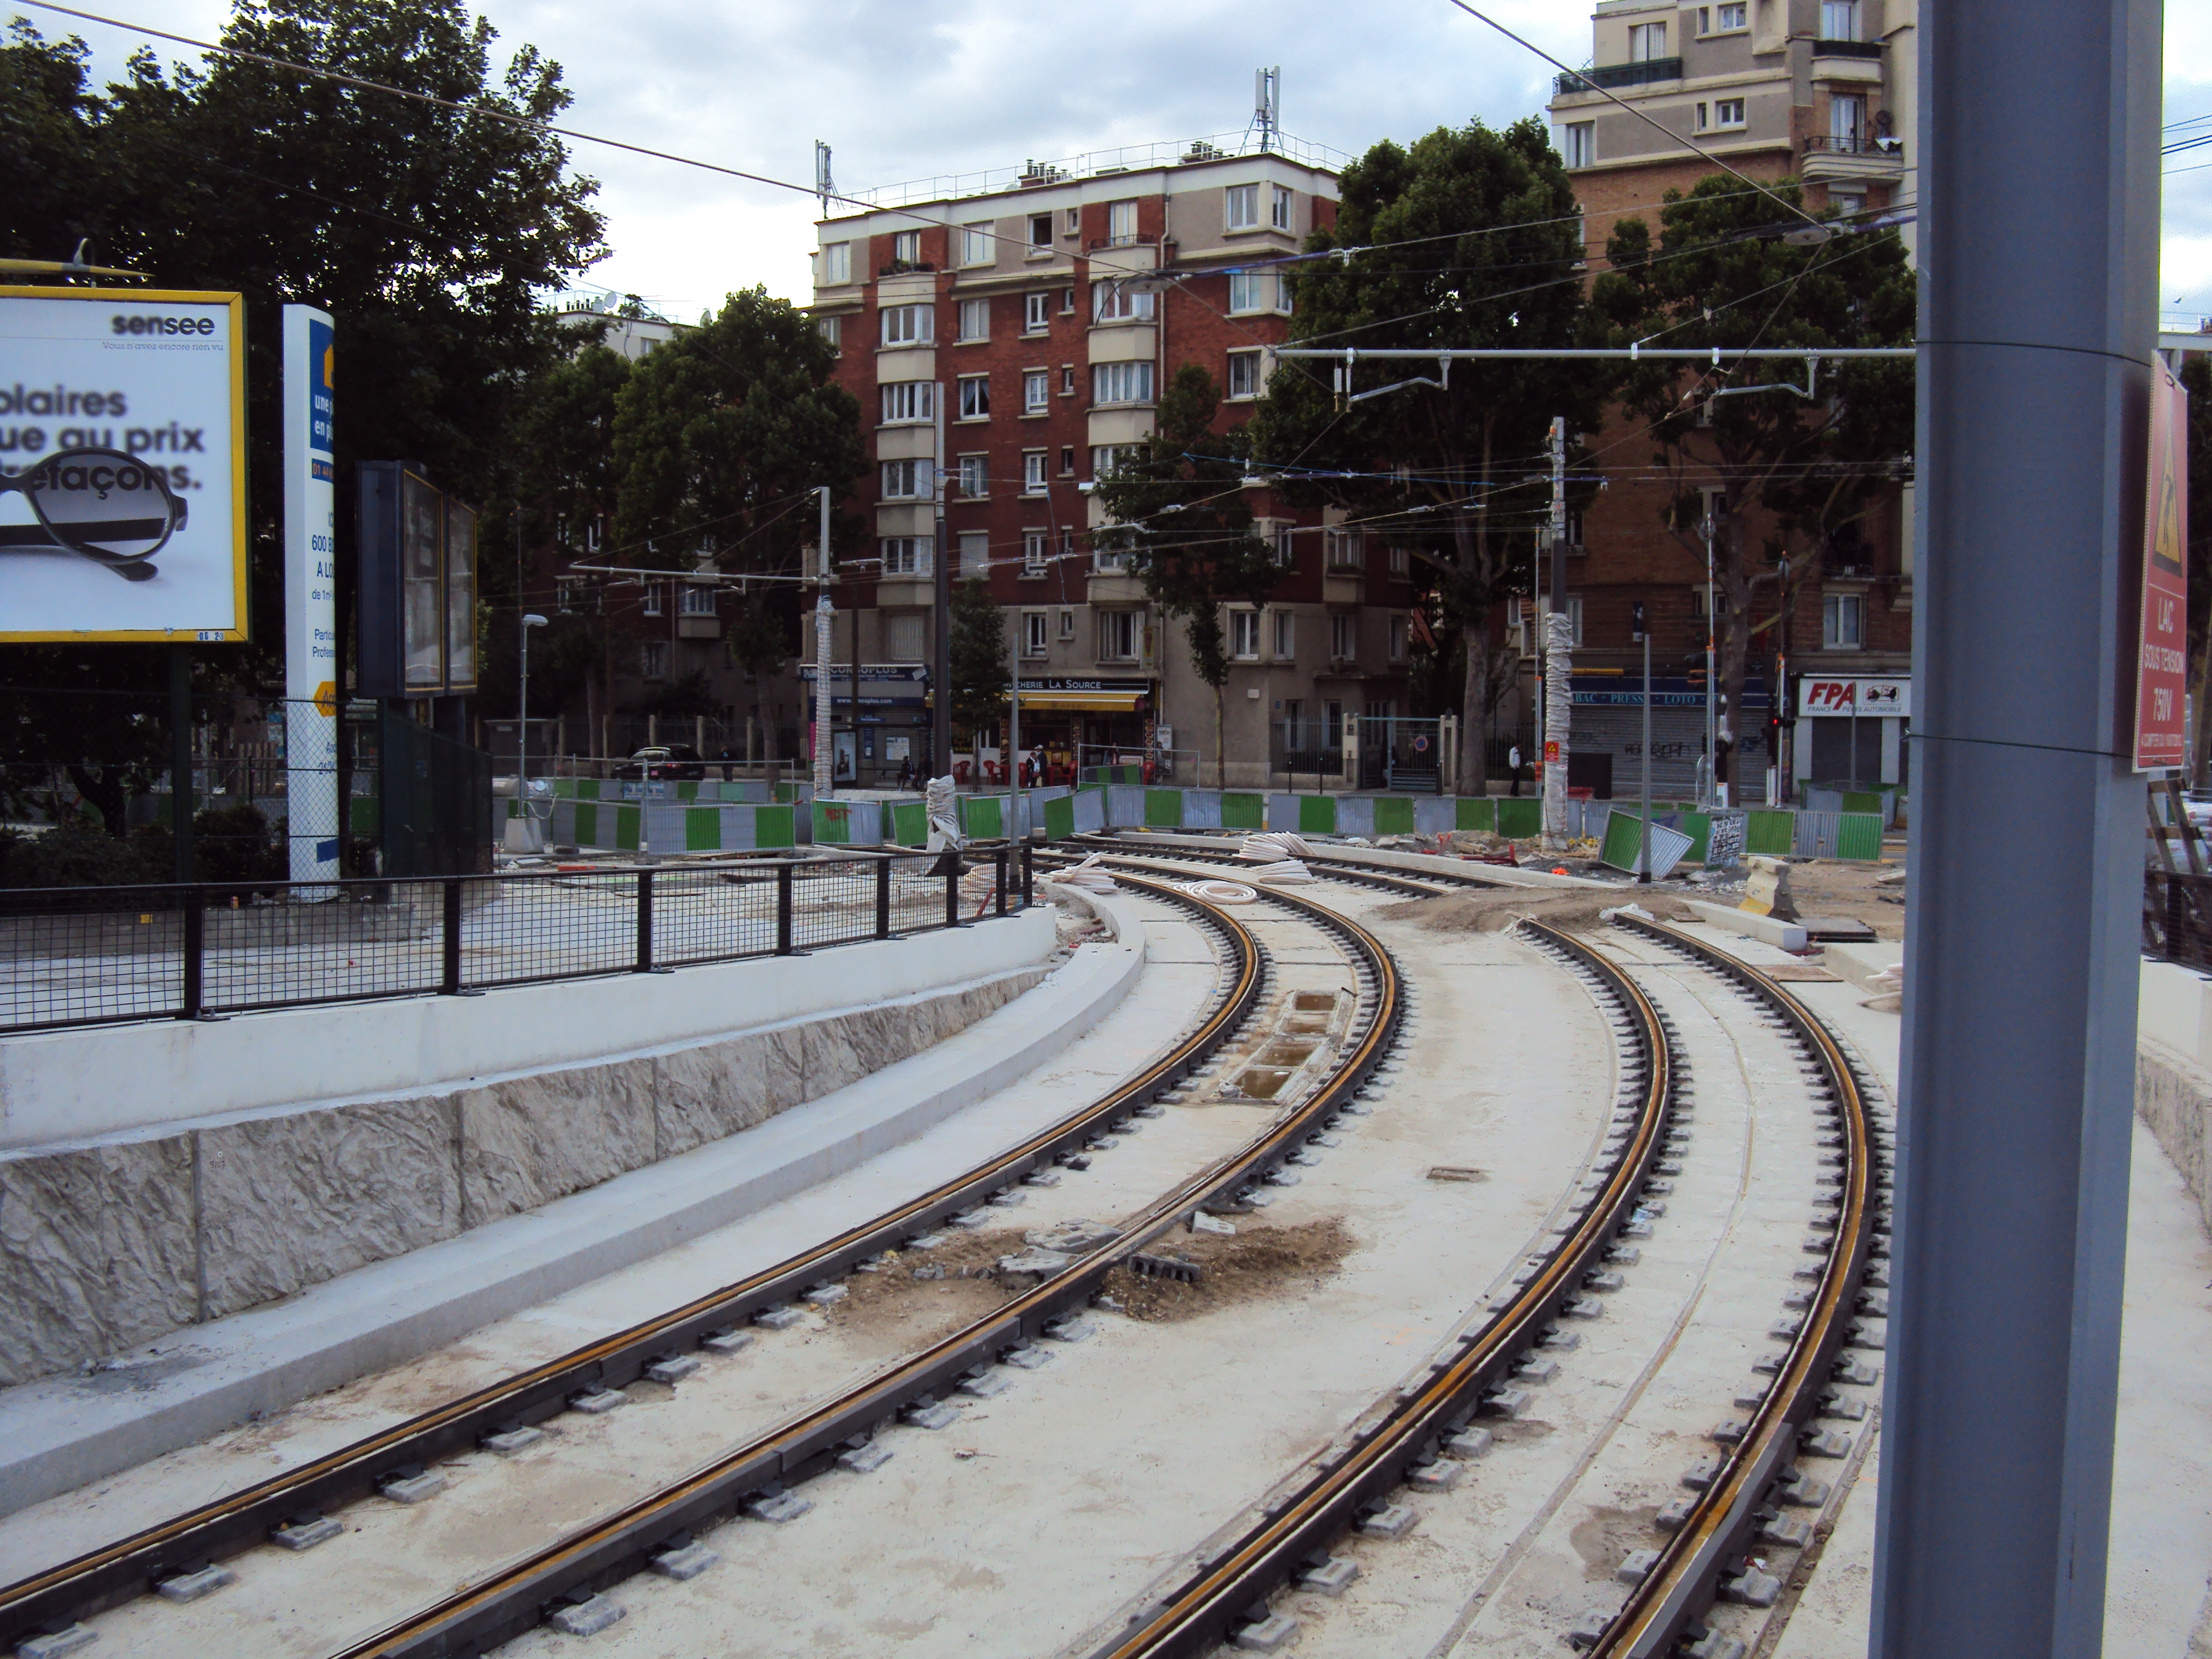 File travaux t3b entre rosa parks et porte d - Porte d aubervilliers plan ...